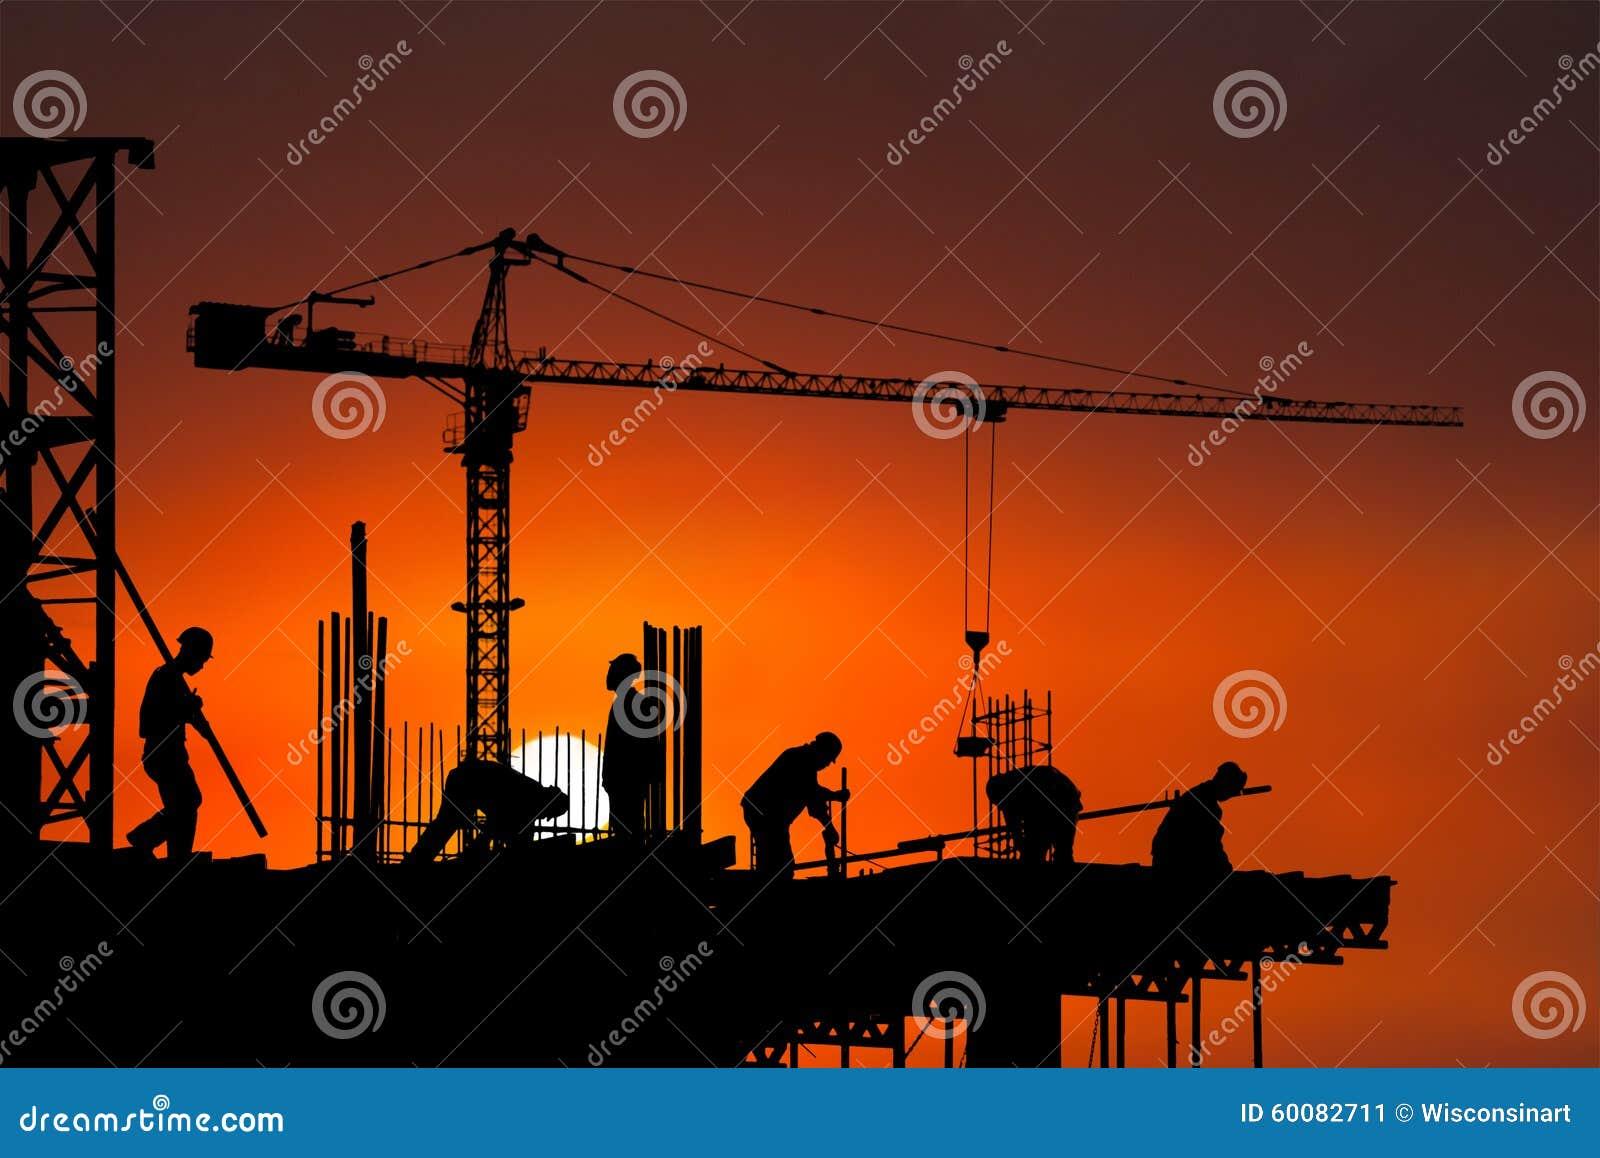 建造场所,工作者,工作者,背景